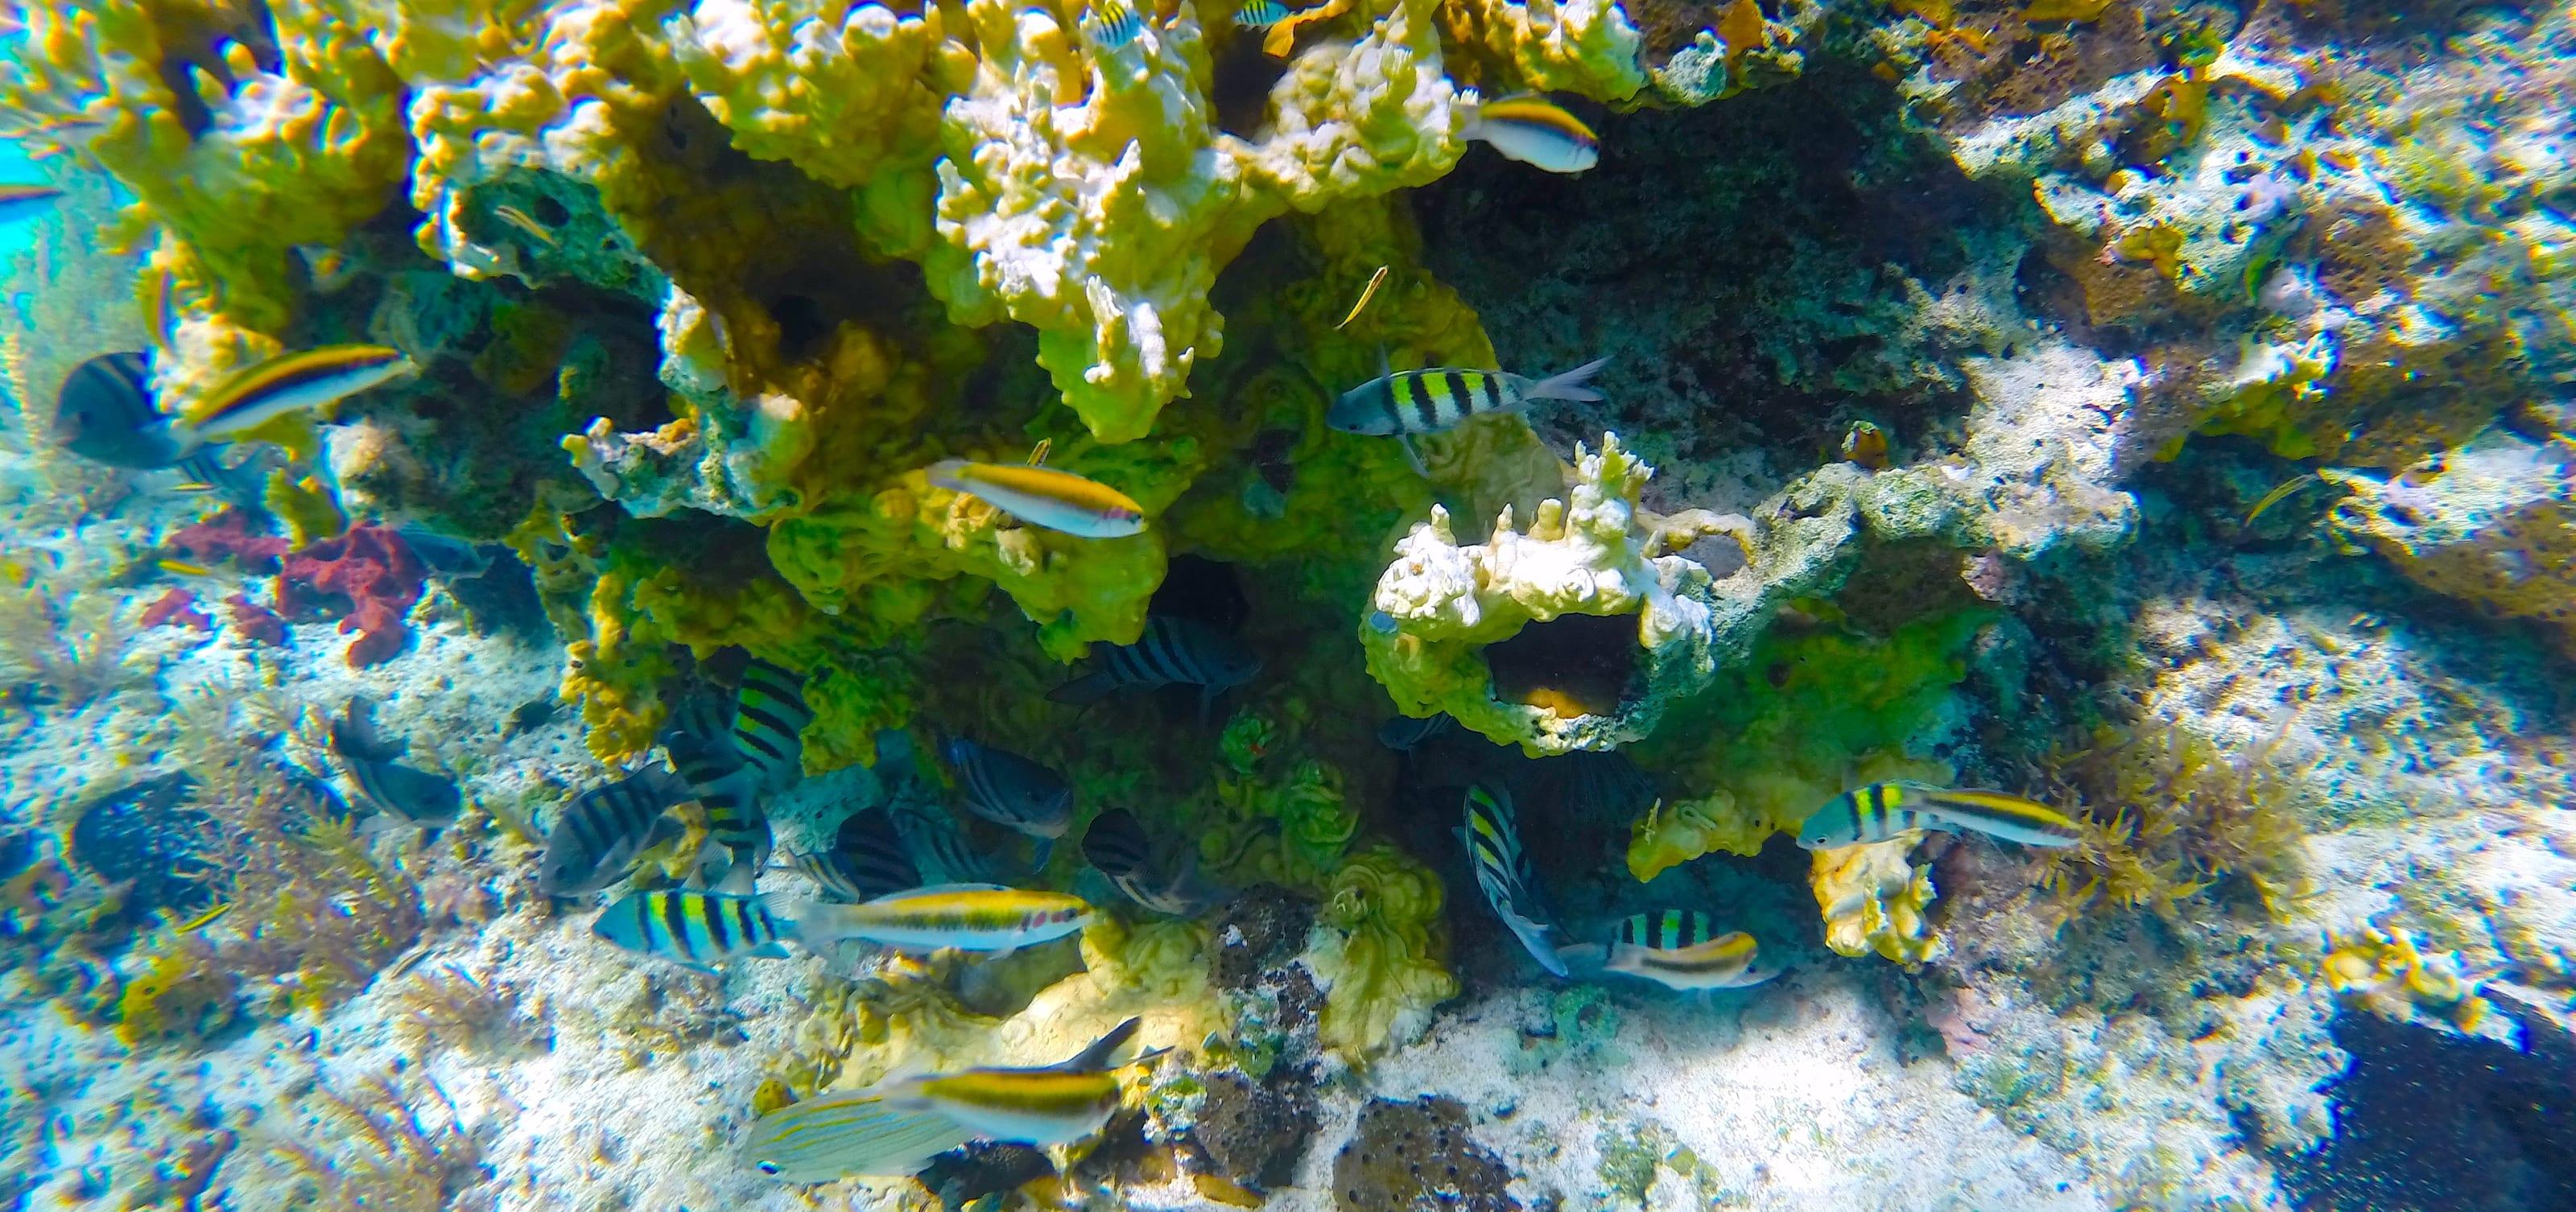 Half Moon Cay reef